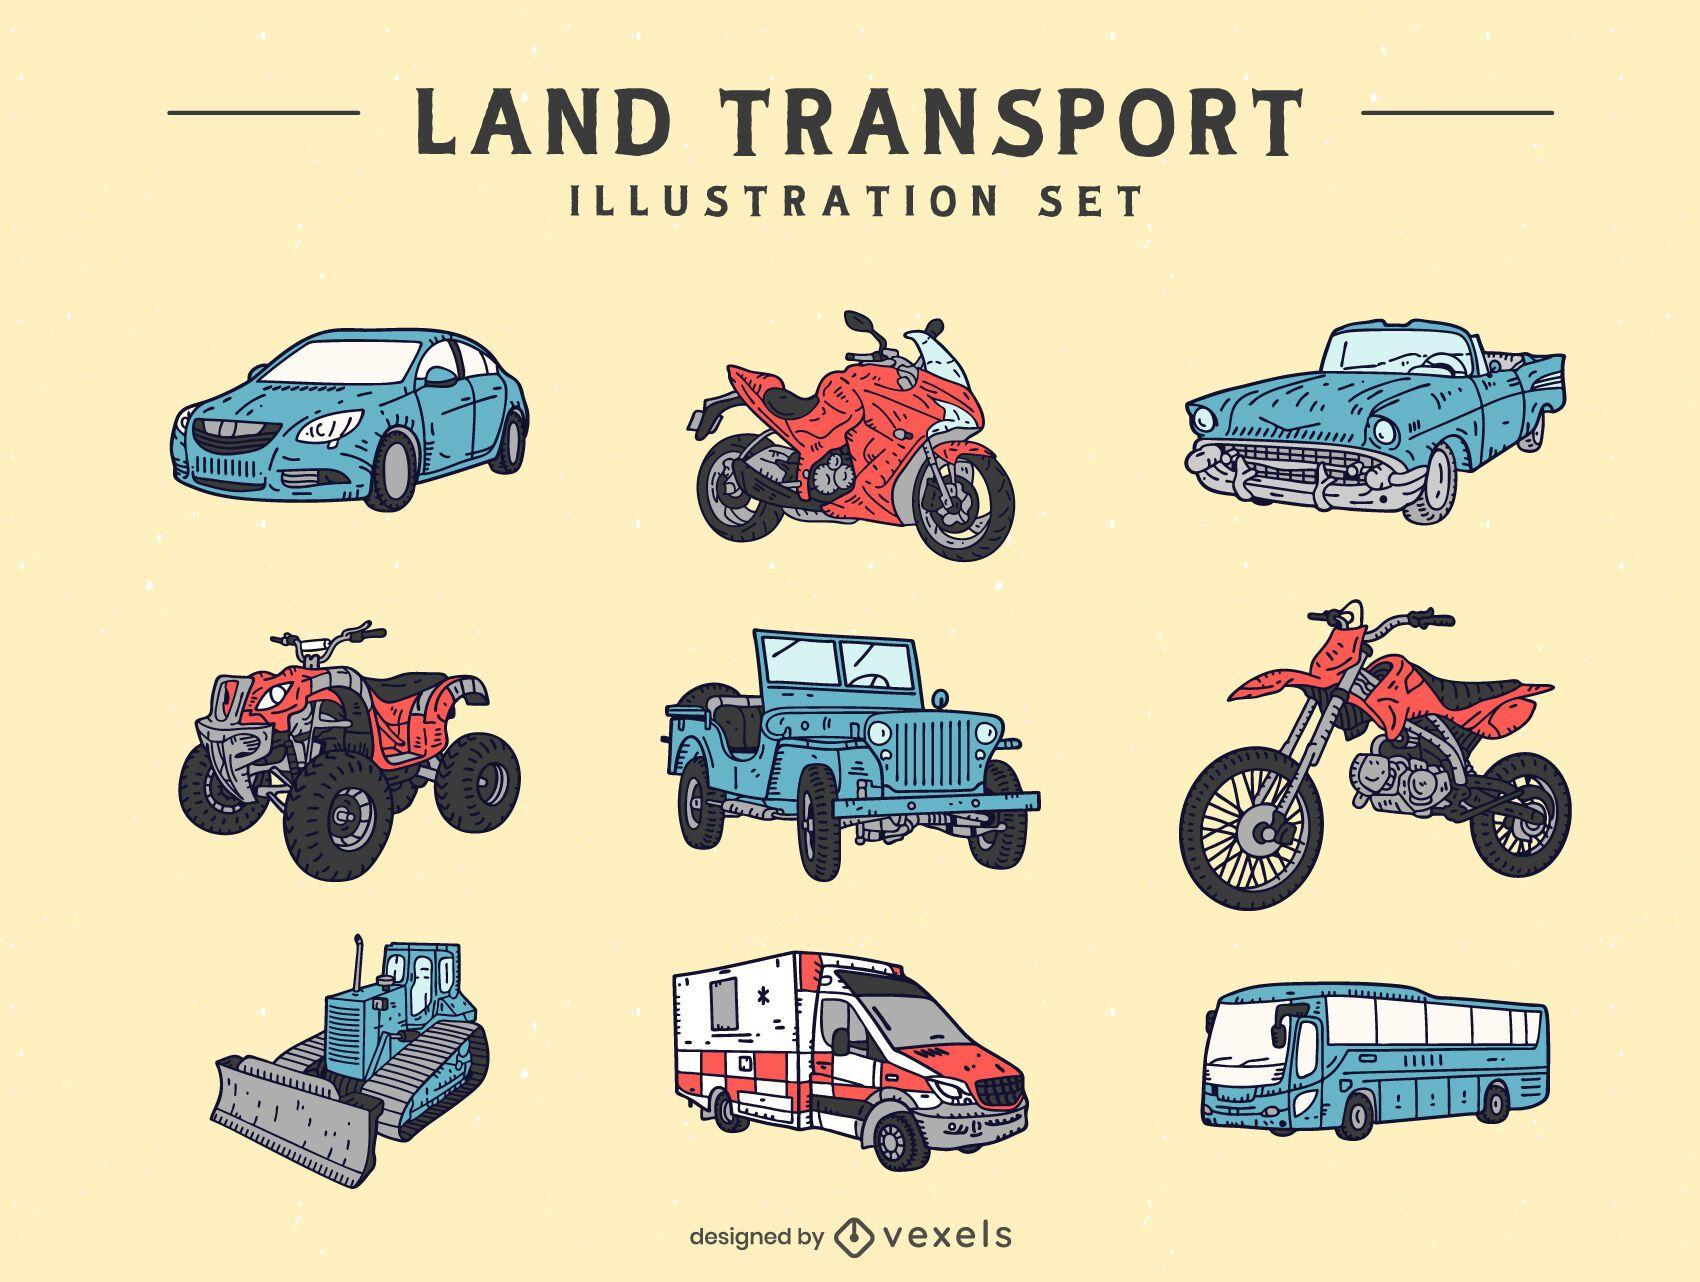 Land transport illustration set